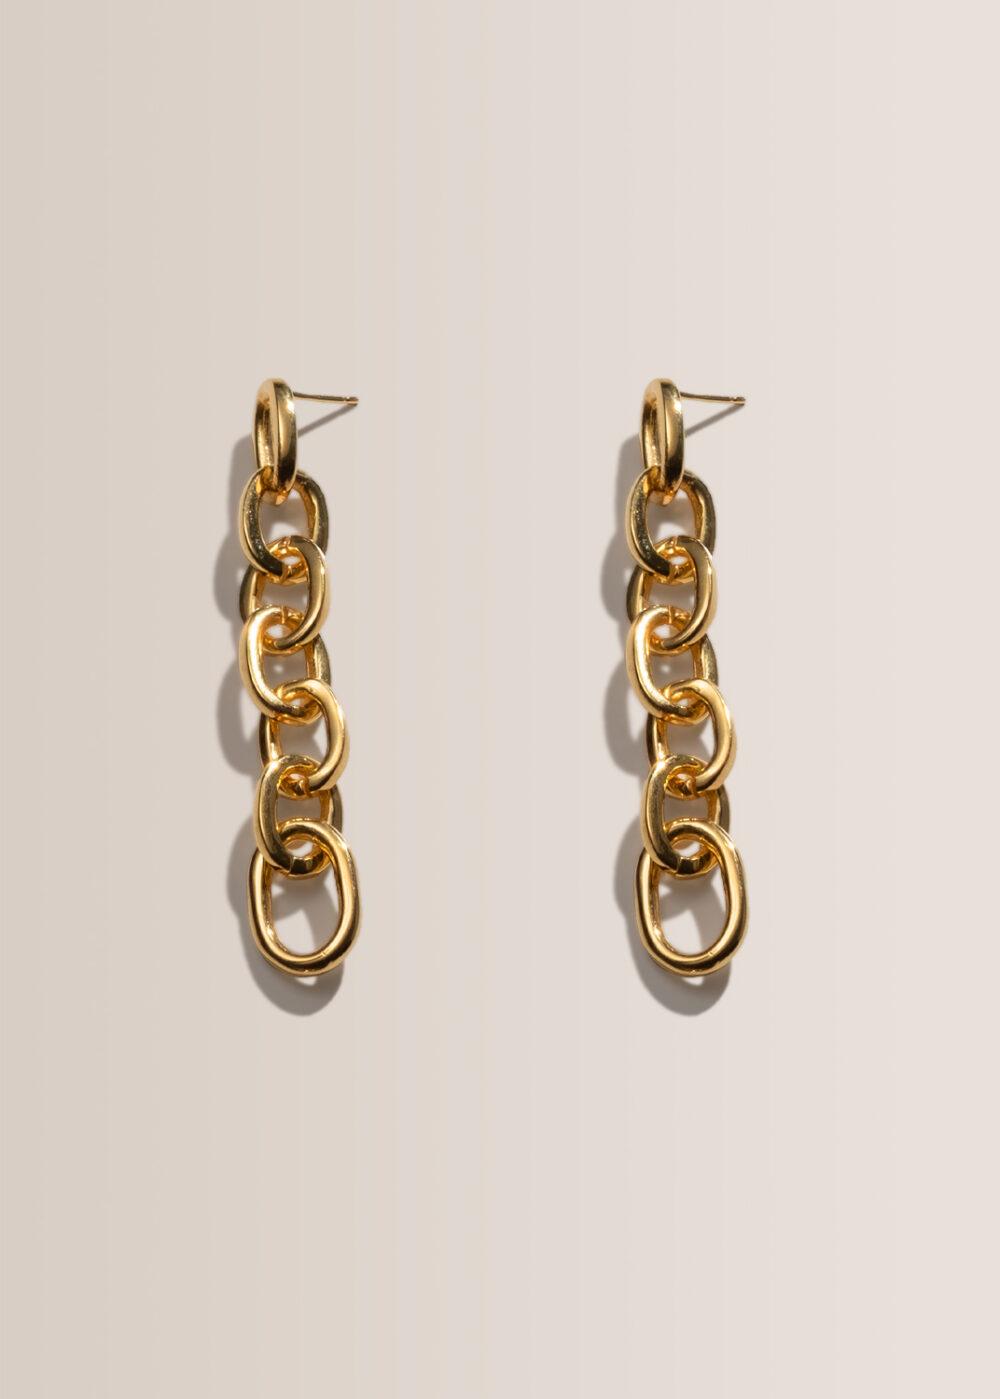 Athena-Ketten-Ohrringe-gold-glaenzend